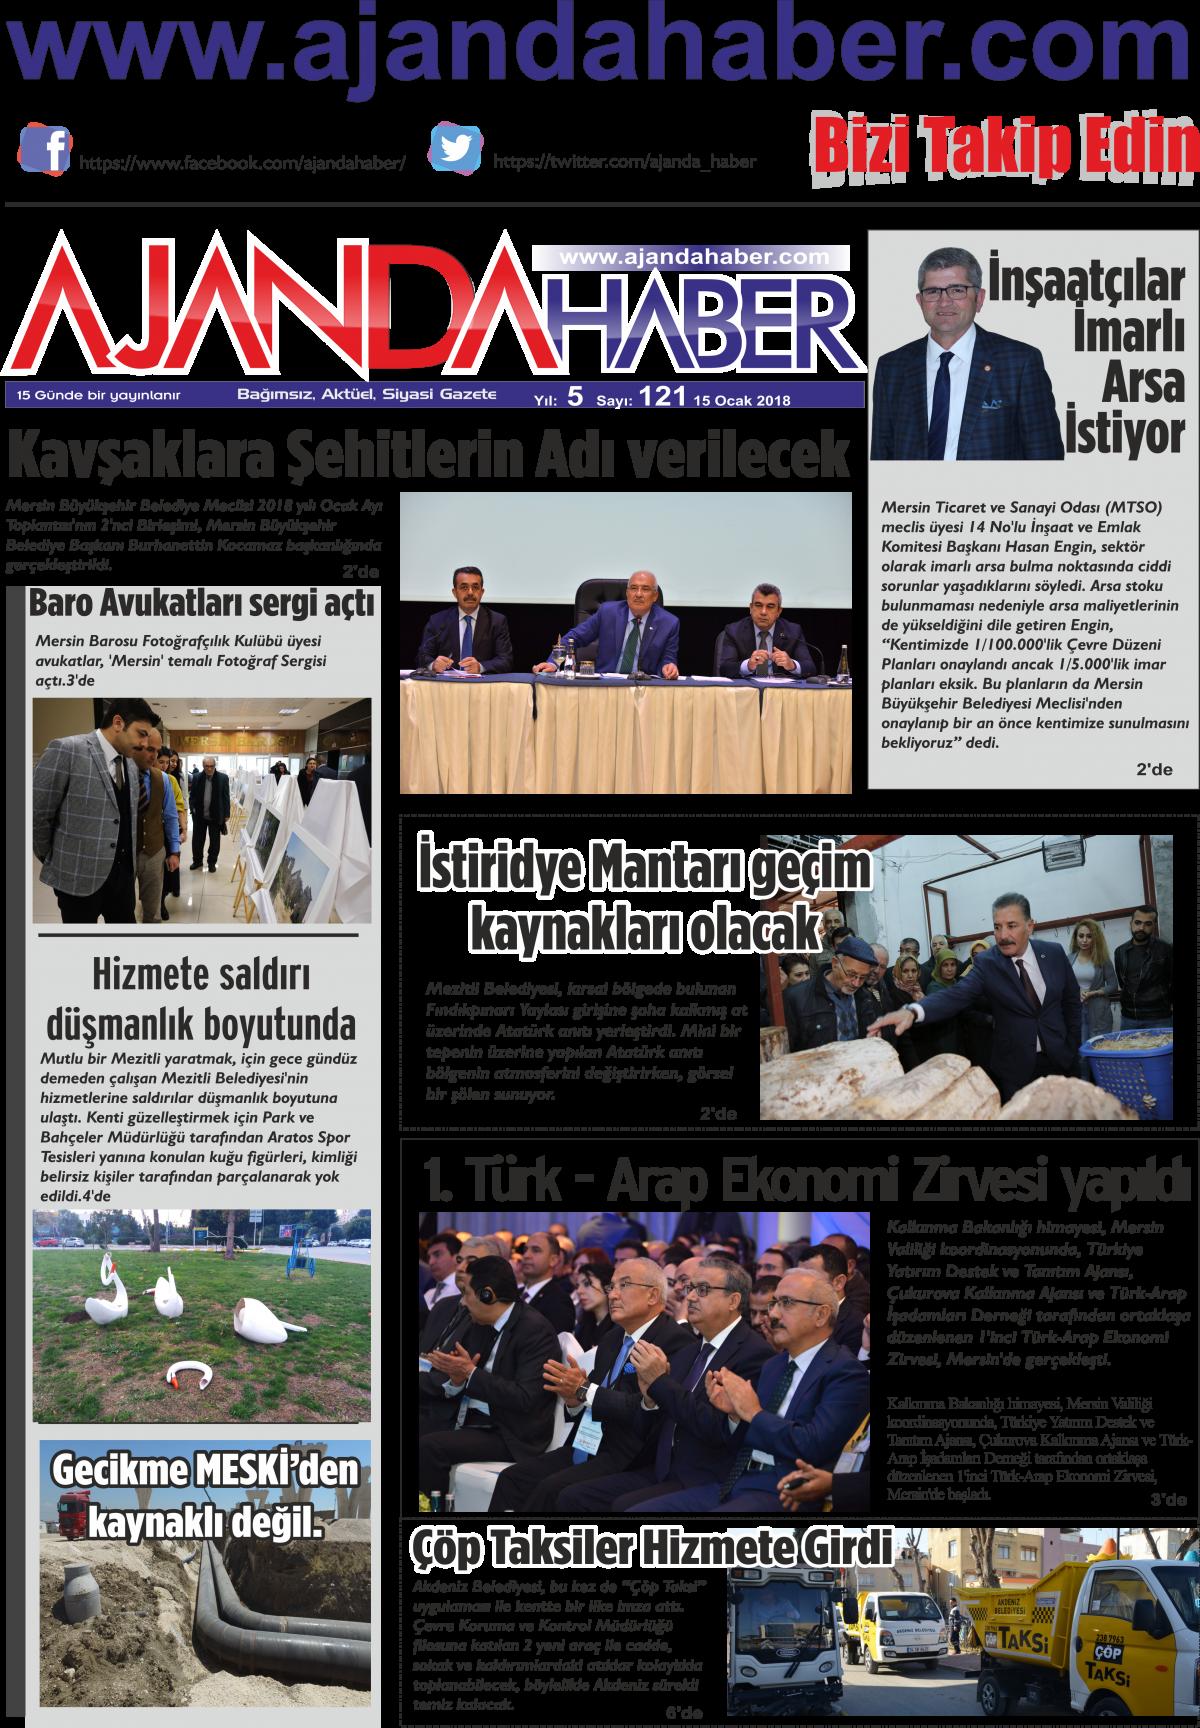 Ajanda haber mersin haberleri, mersin sondakika, ajandahaber, doğru haberin adresi - 18 Ocak 2018 Manşeti